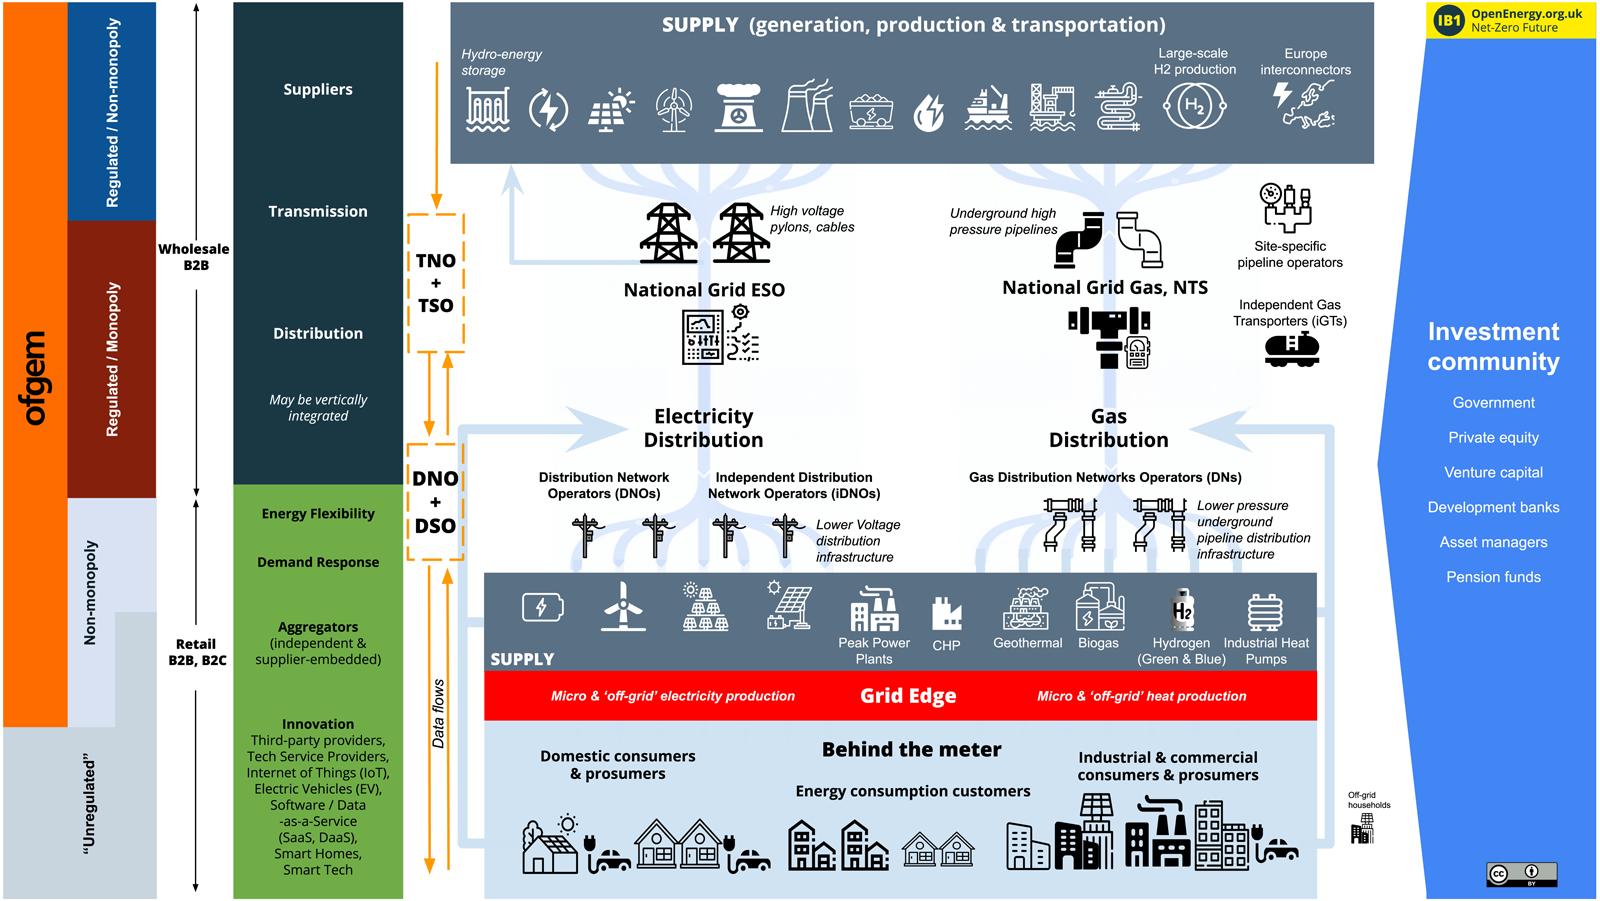 IB1 Open Energy UK ecosystem map